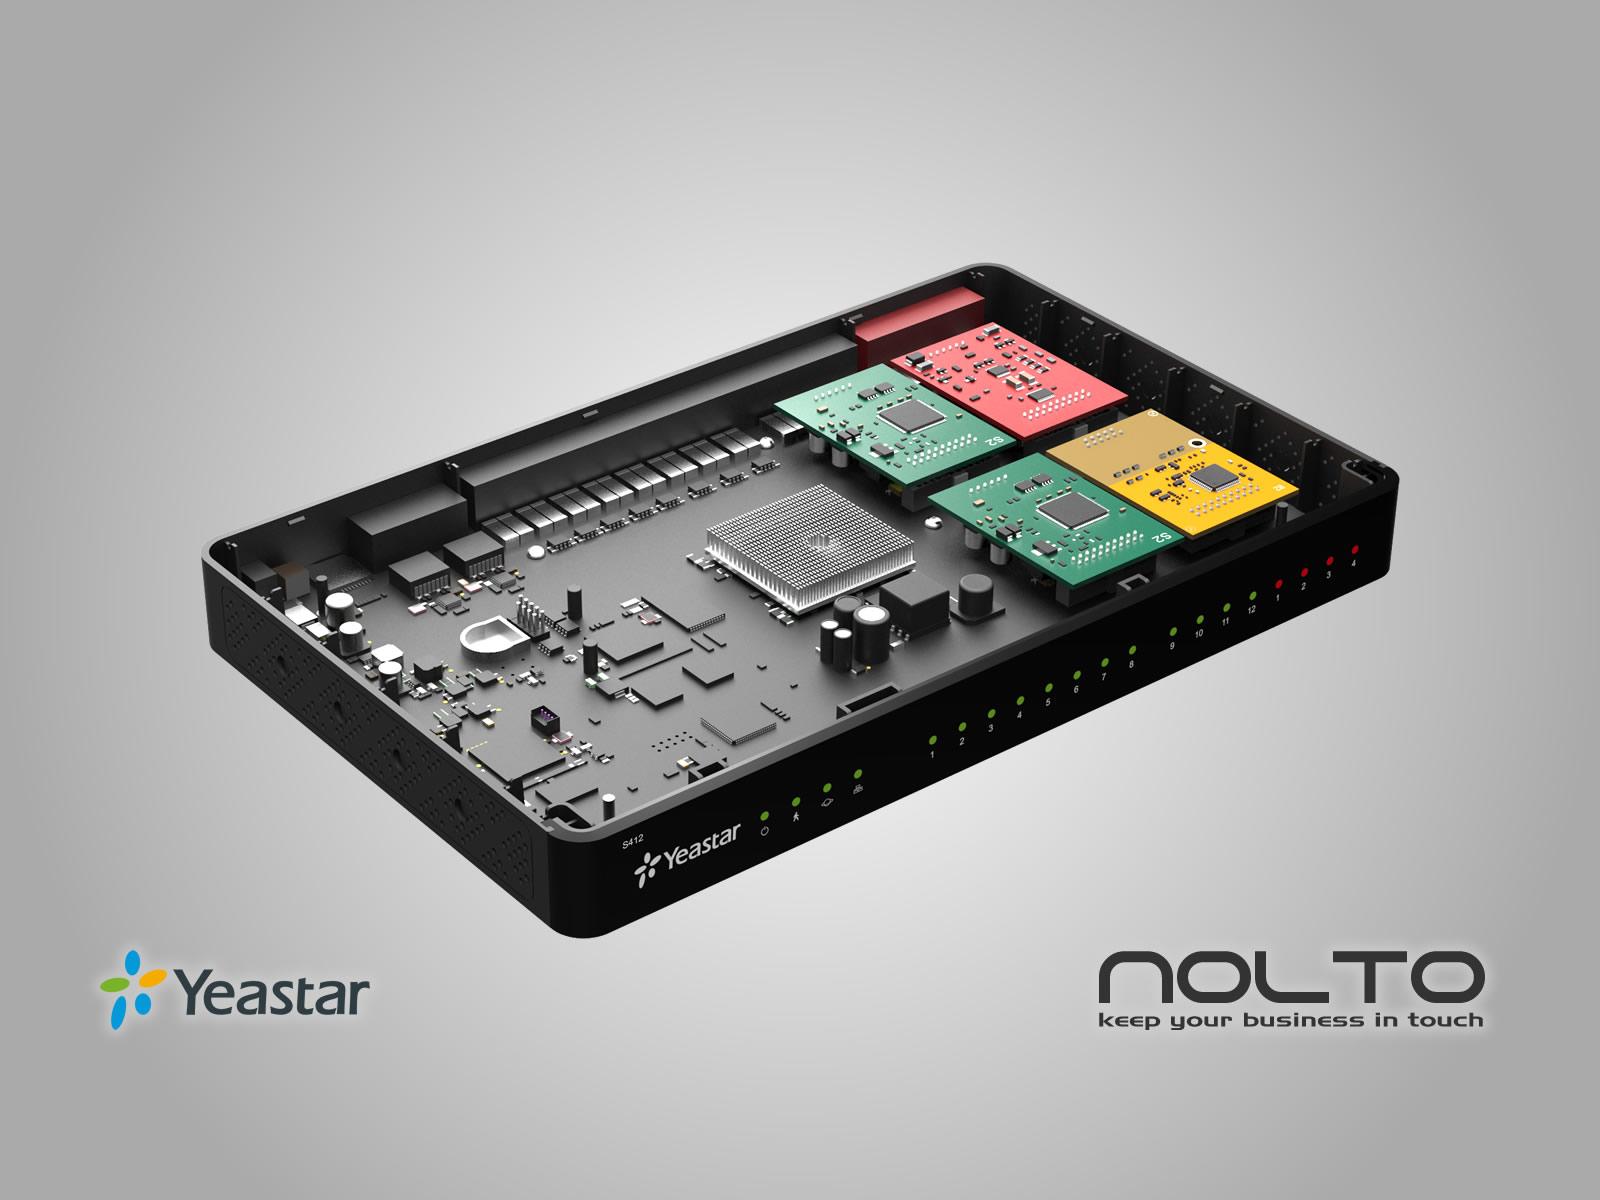 Yeastar S412 VoIP PBX IP Santral